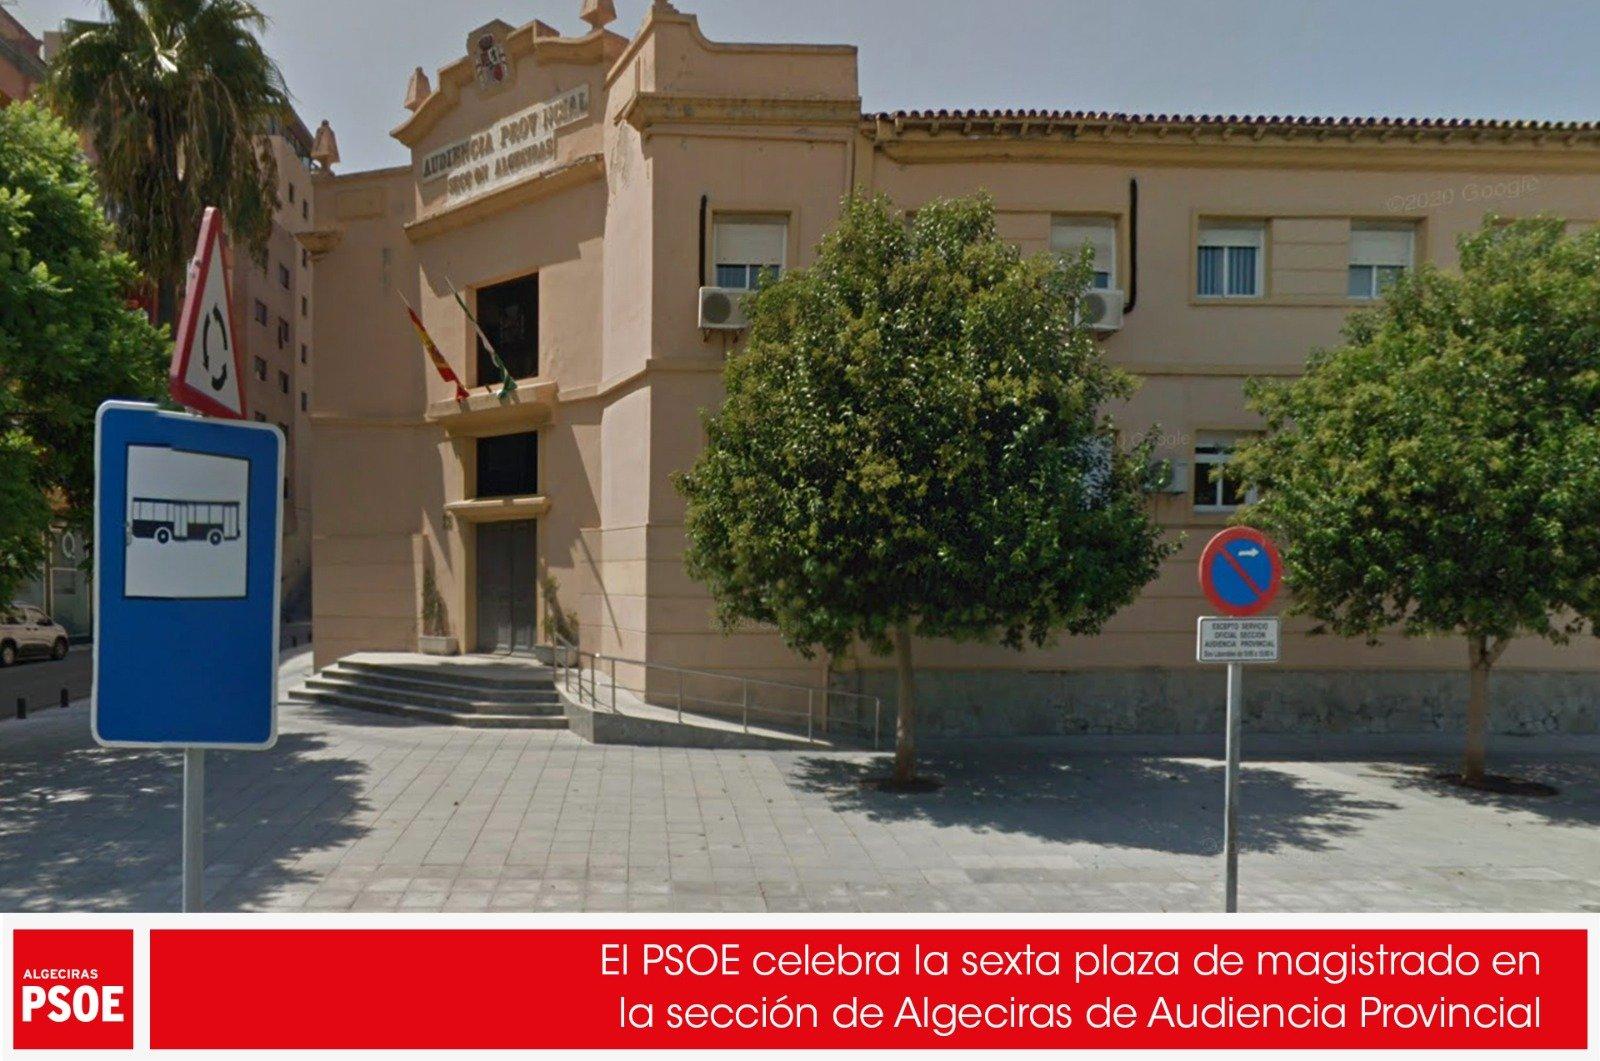 El PSOE celebra la sexta plaza de magistrado en la sección de Algeciras de Audiencia Provincial